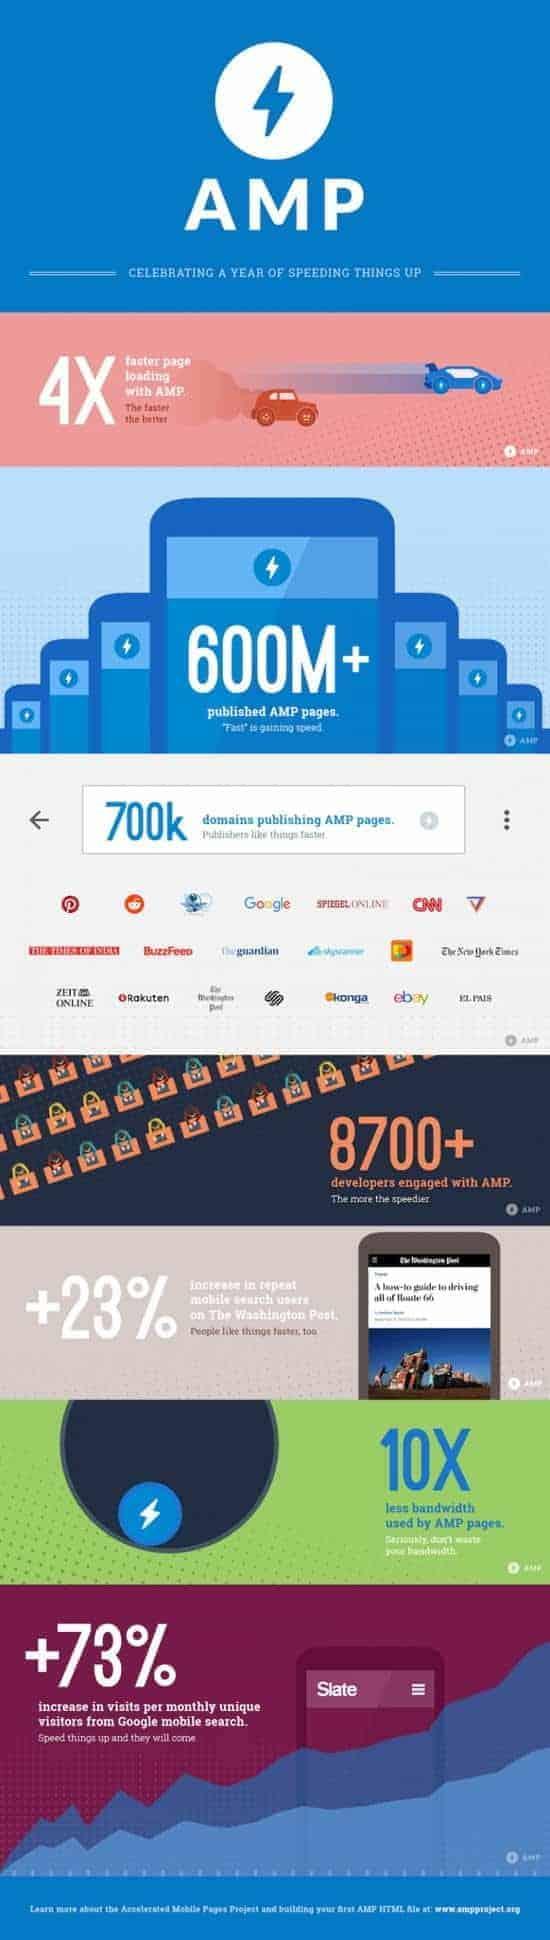 Datos de interés sobre AMP